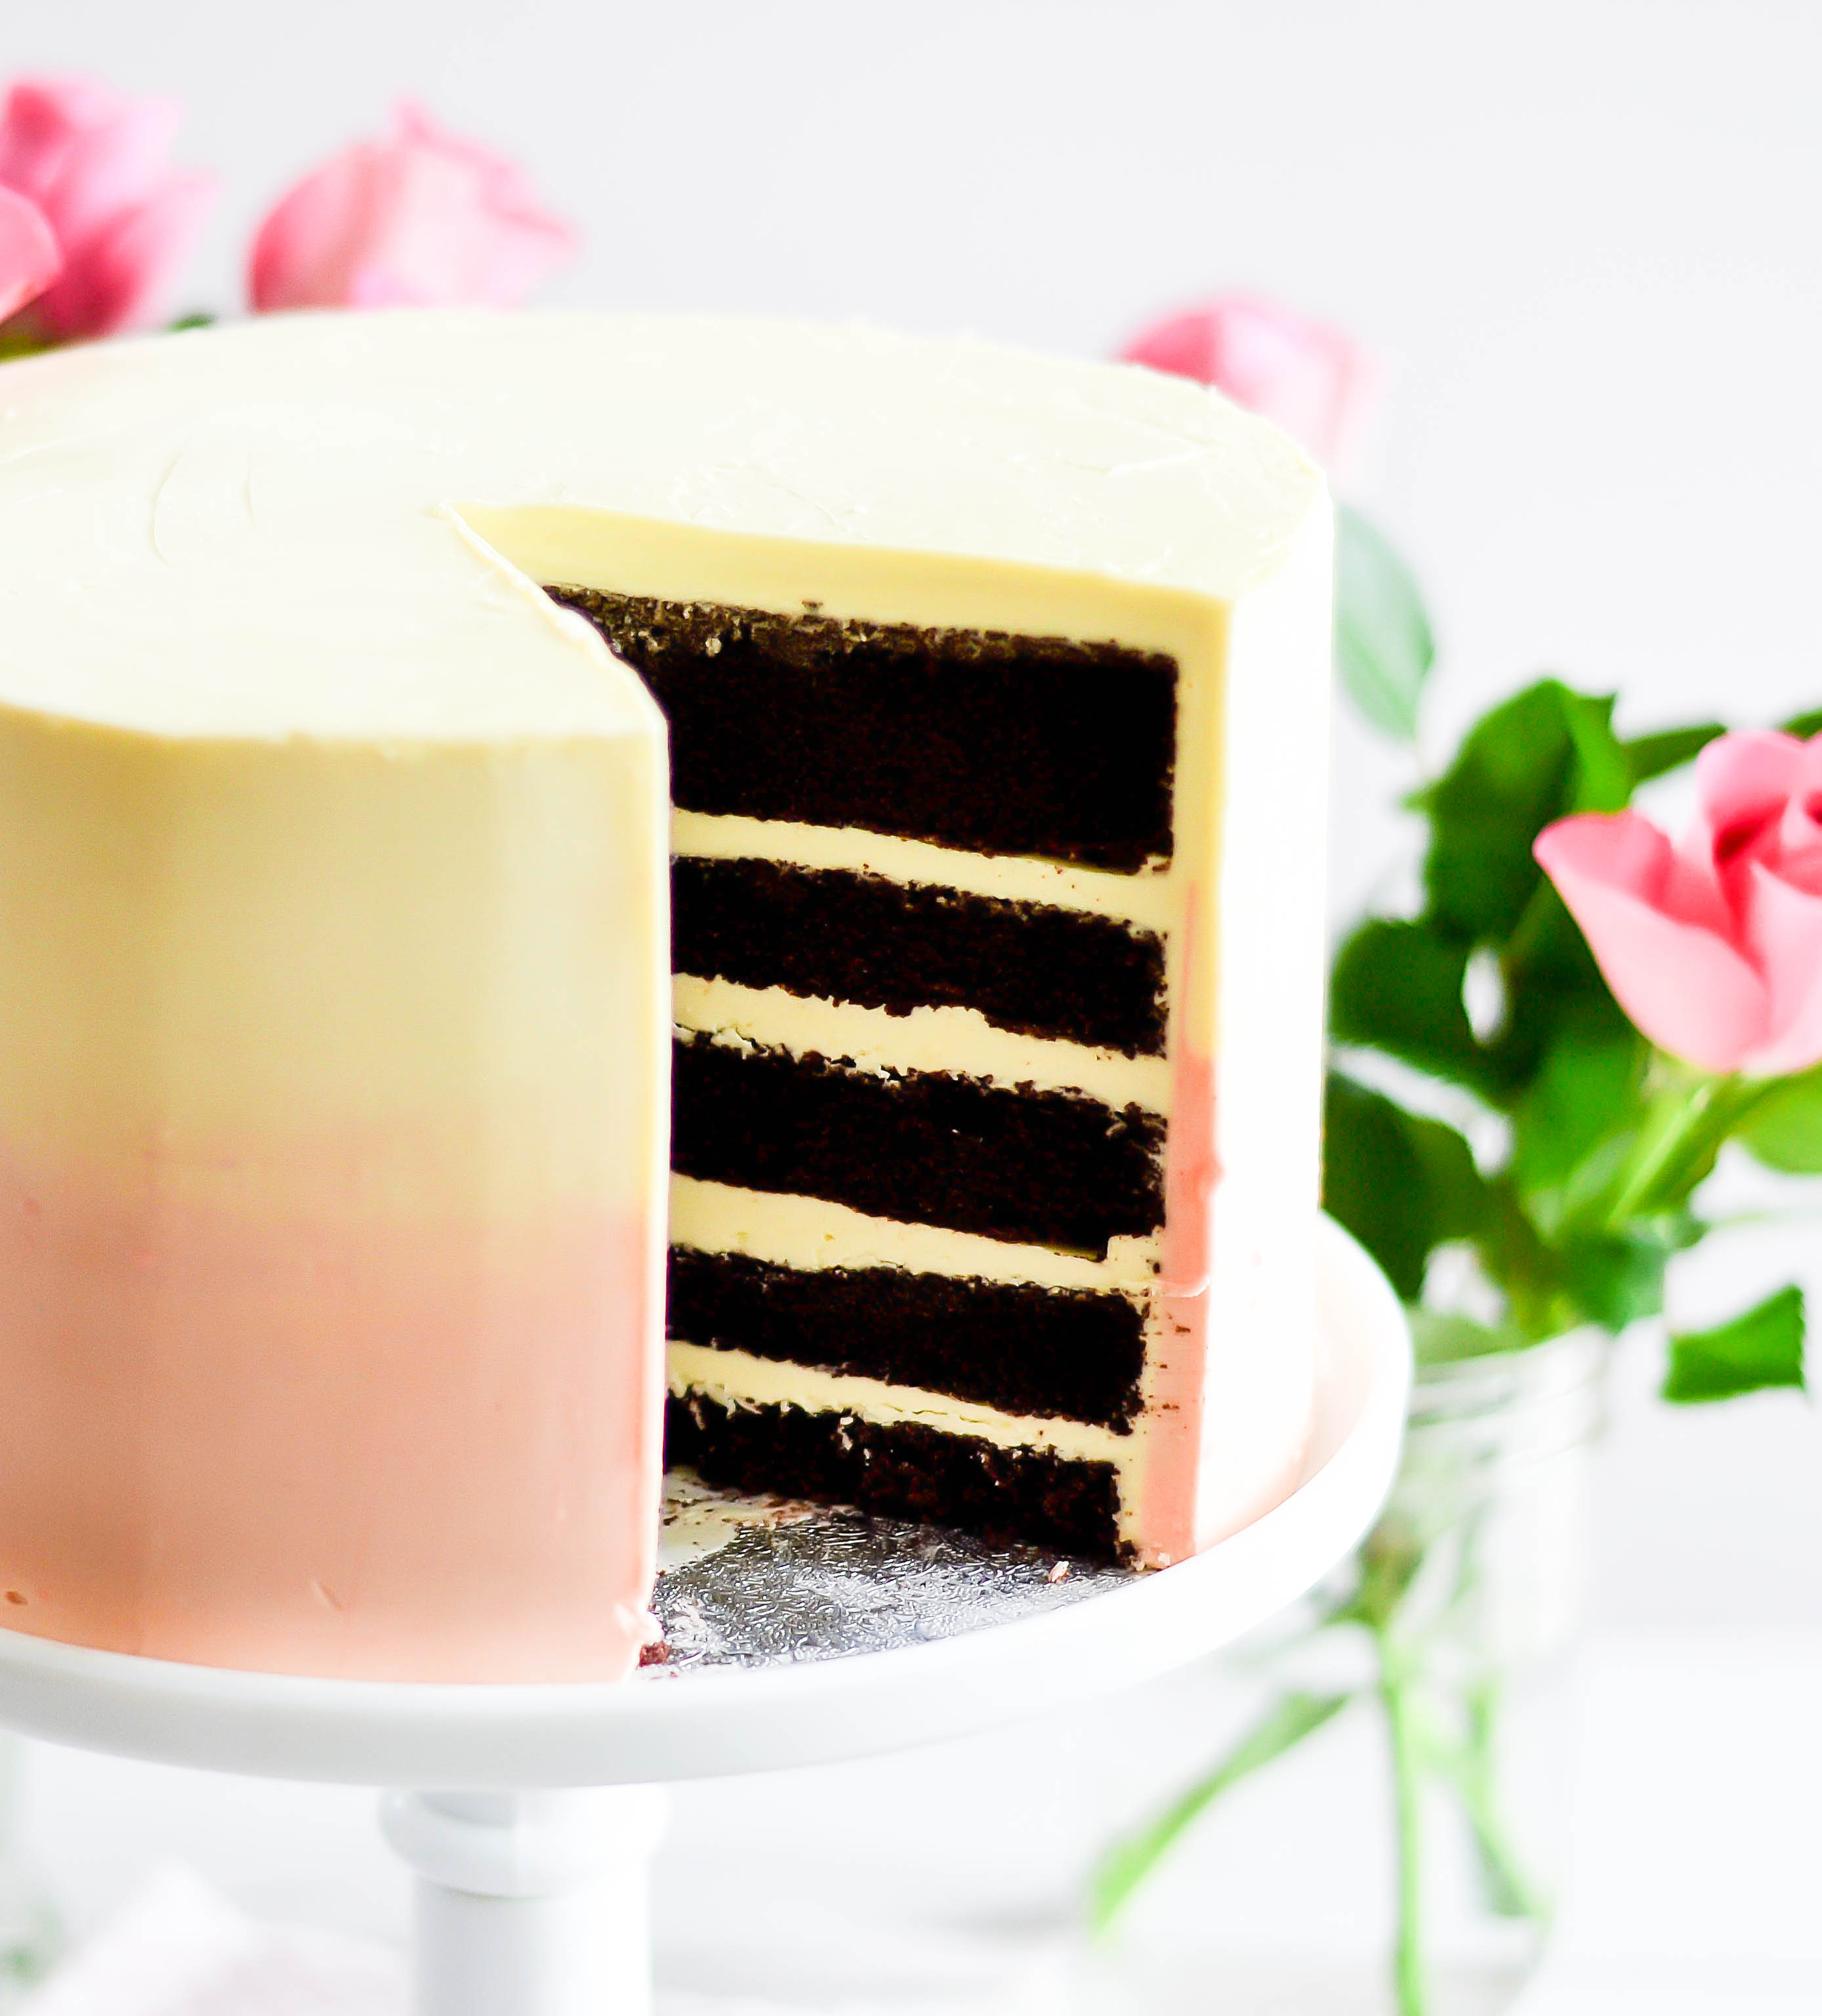 Chocolate Cake & Swiss Meringue Buttercream